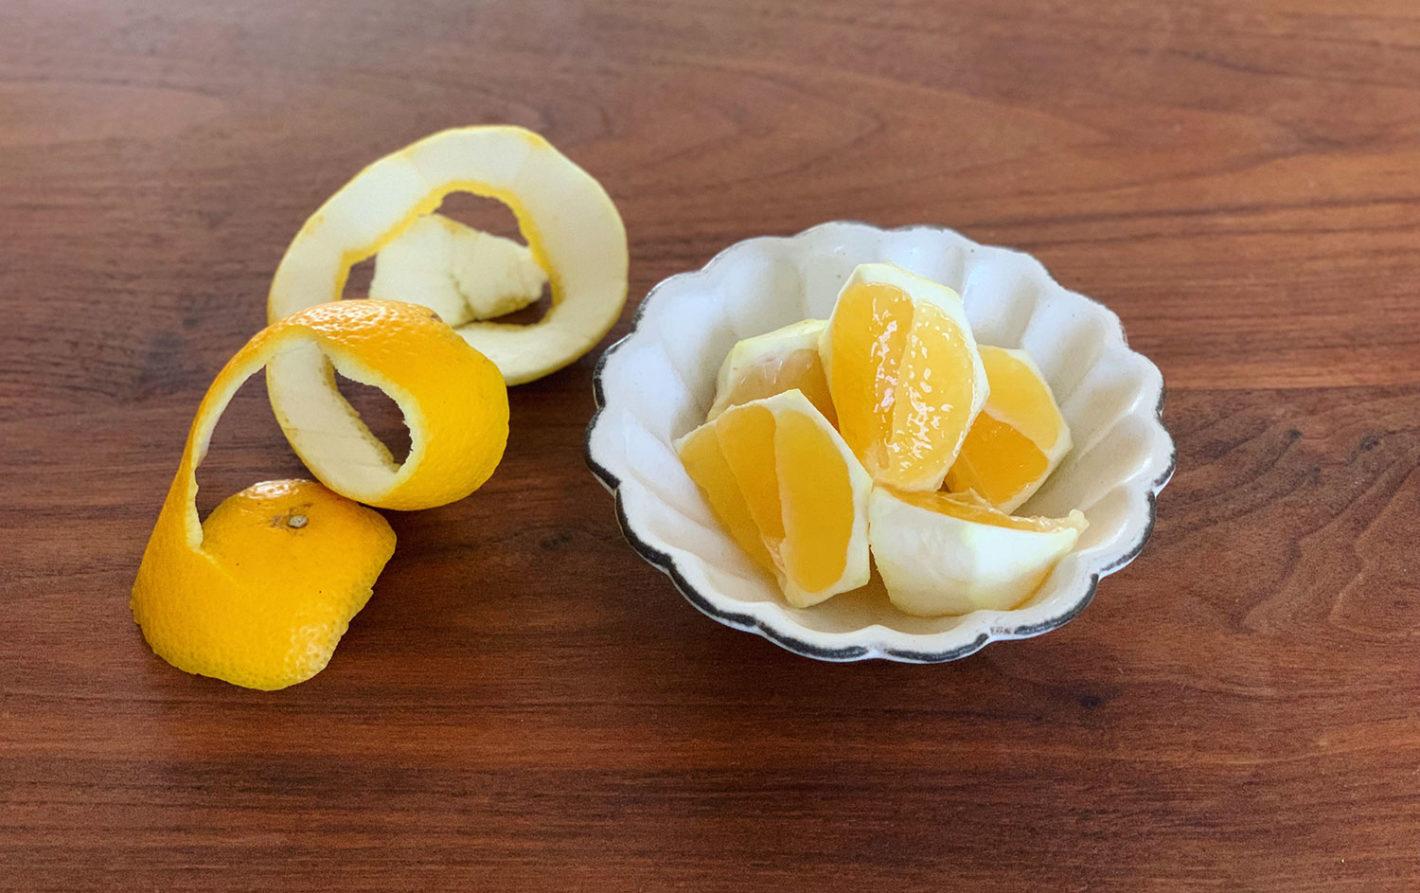 カットした小夏が白い小皿に盛られている。果肉も明るい黄色。りんごのようにくるくると向いた皮が横に置いてある。